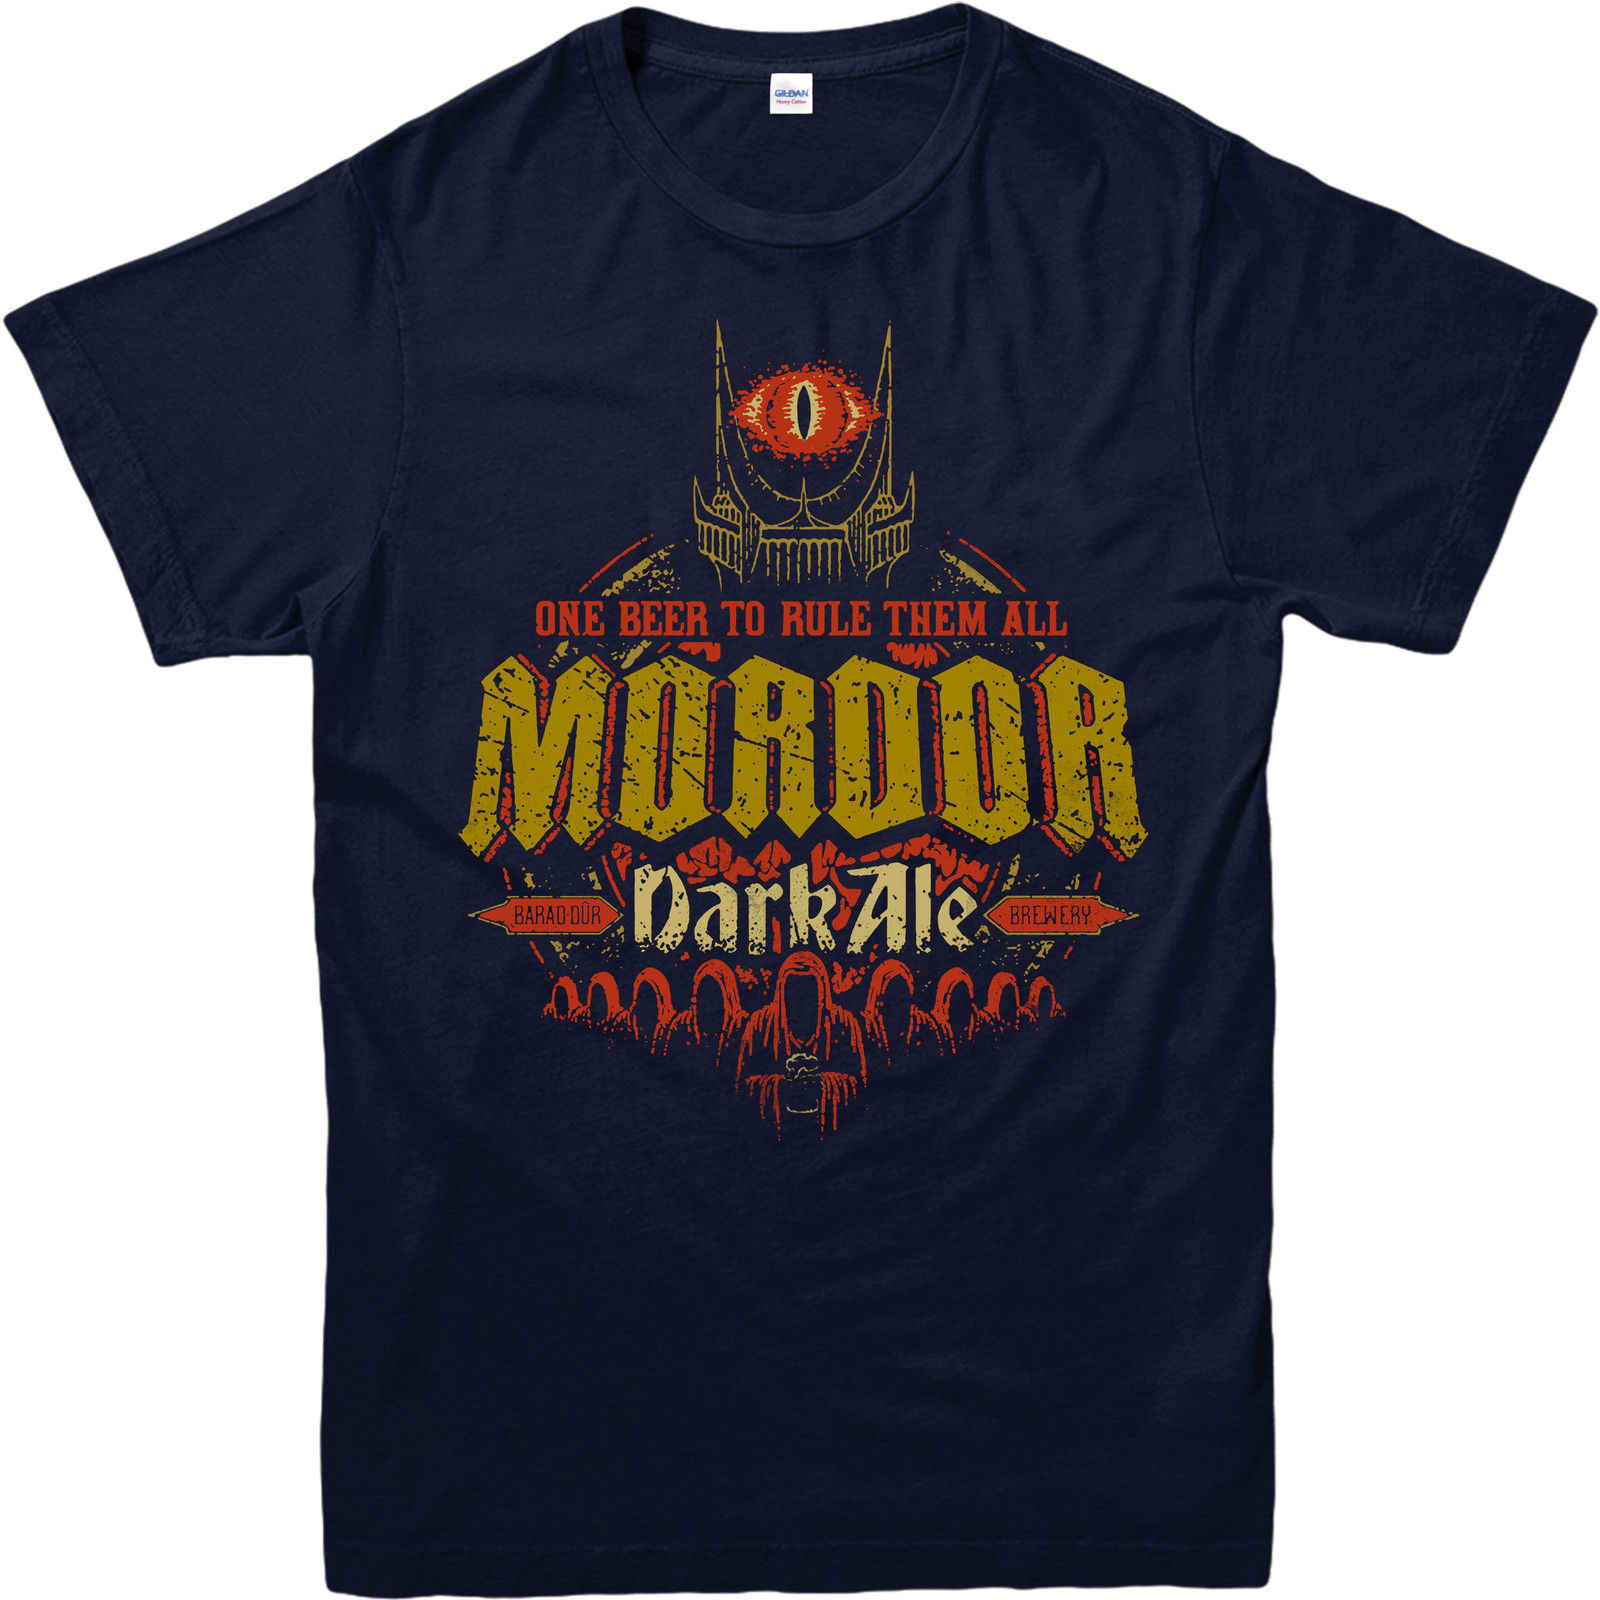 Футболка «Властелин Колец», Mordor Dark Ale SPOF, хлопковые мужские футболки для взрослых и детей, классические футболки, базовые модели